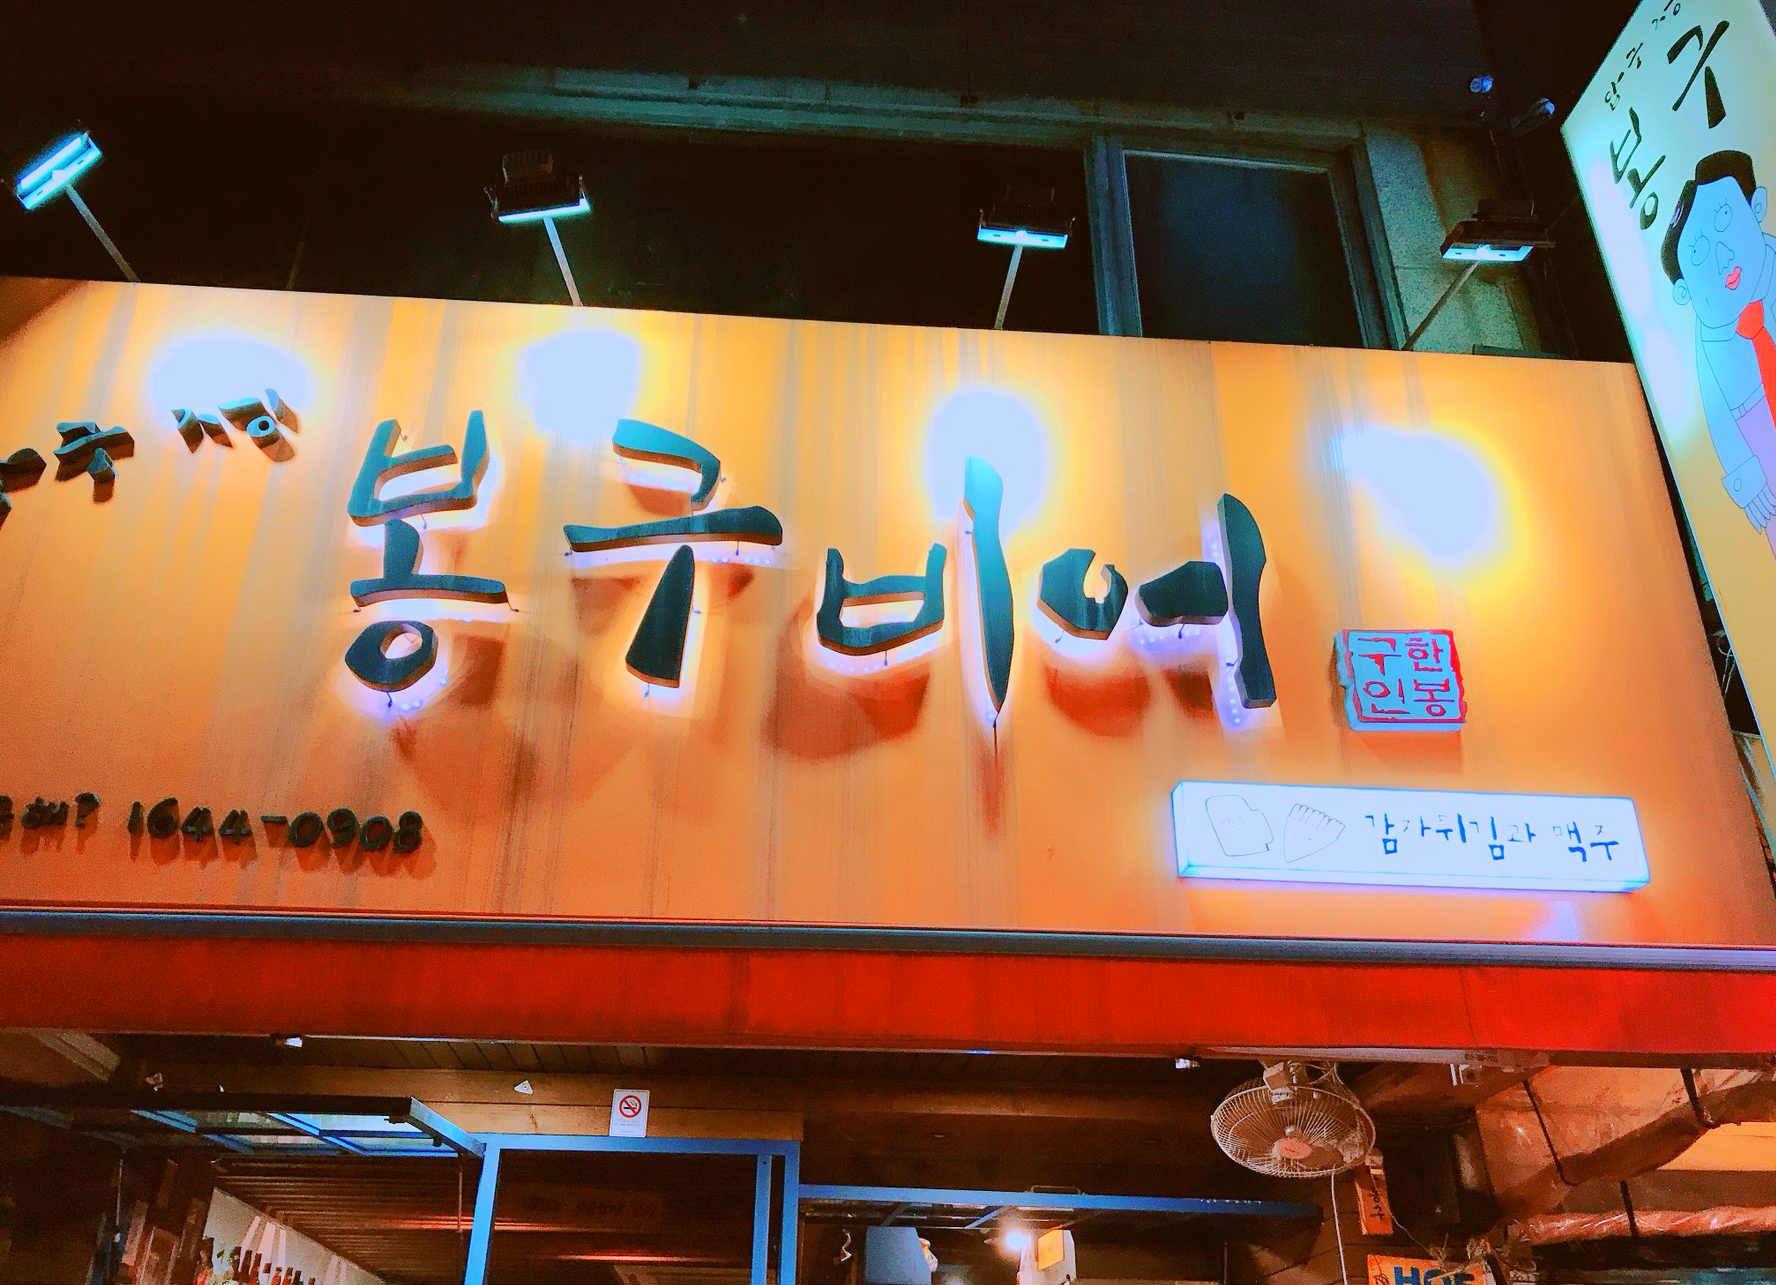 鮮明的橘色招牌,這家名為「峰九啤酒봉구비어」的連鎖店,店內提供的菜單非常簡單,就是各式薯條與各種口味的啤酒。